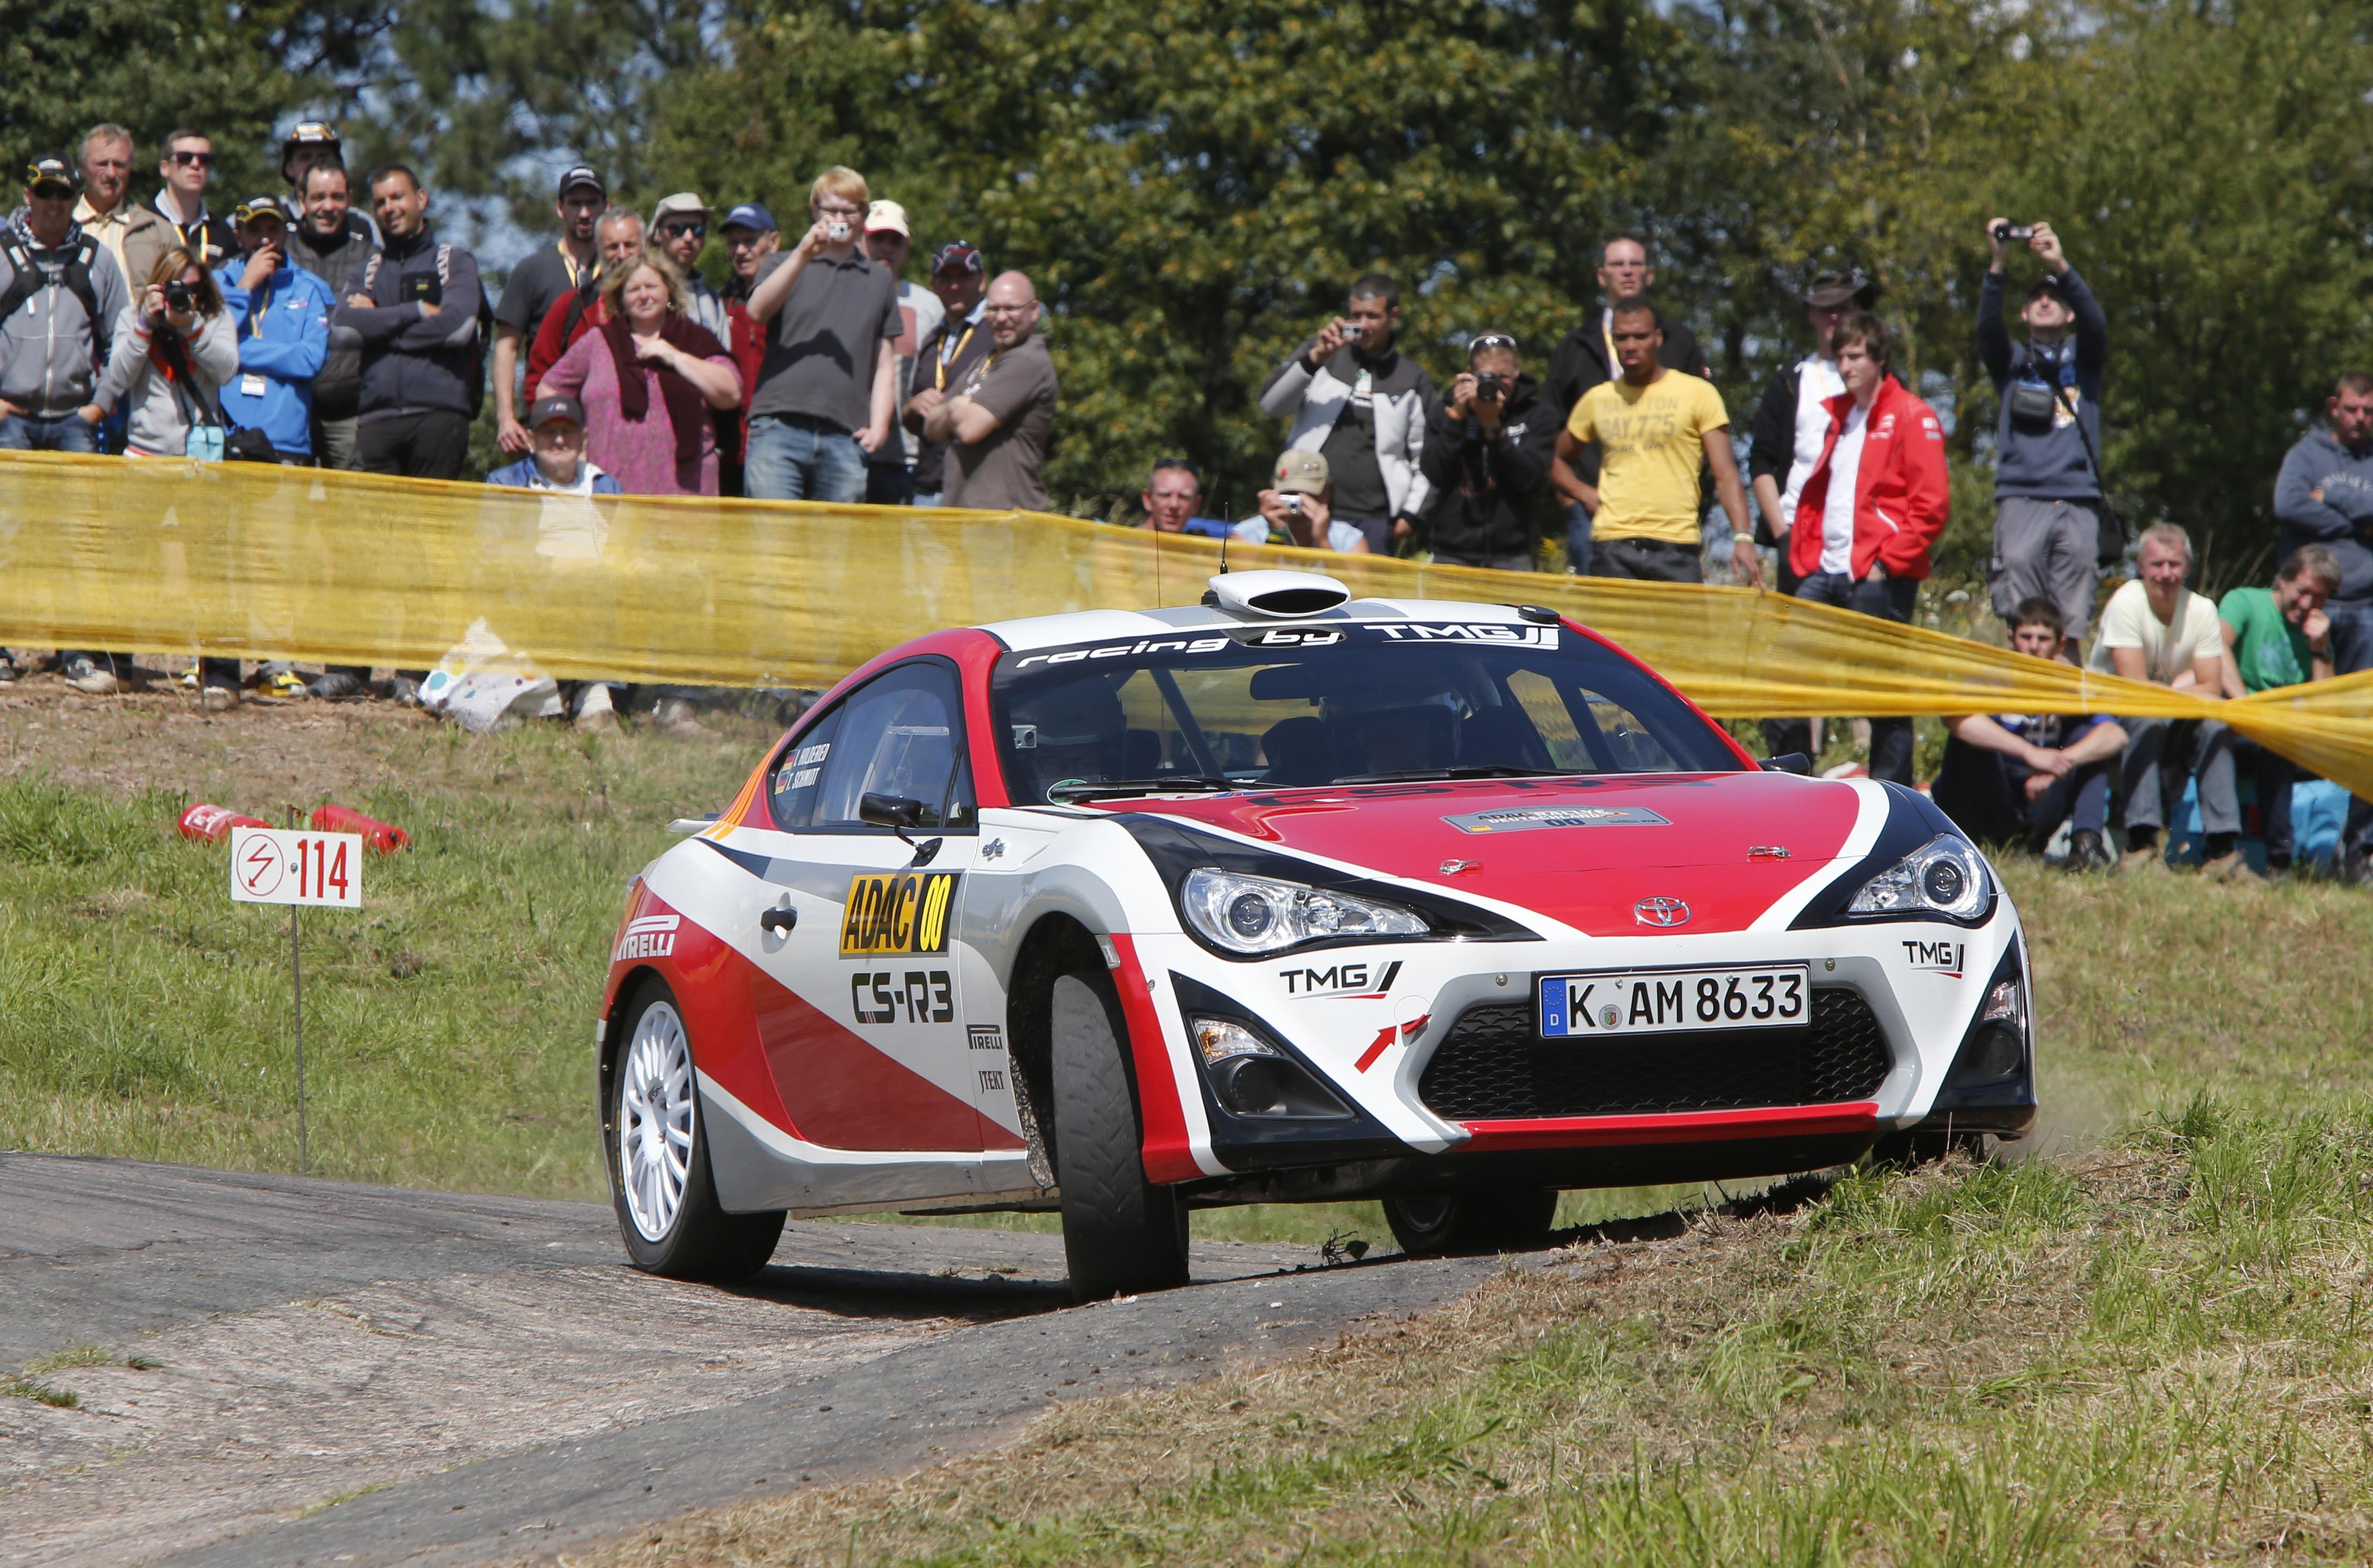 Manche 4 : Mardi 15 Mai 2018 S0-Rallye-Test-grandeur-nature-en-Allemagne-pour-la-Toyota-GT86-CS-R3-329391